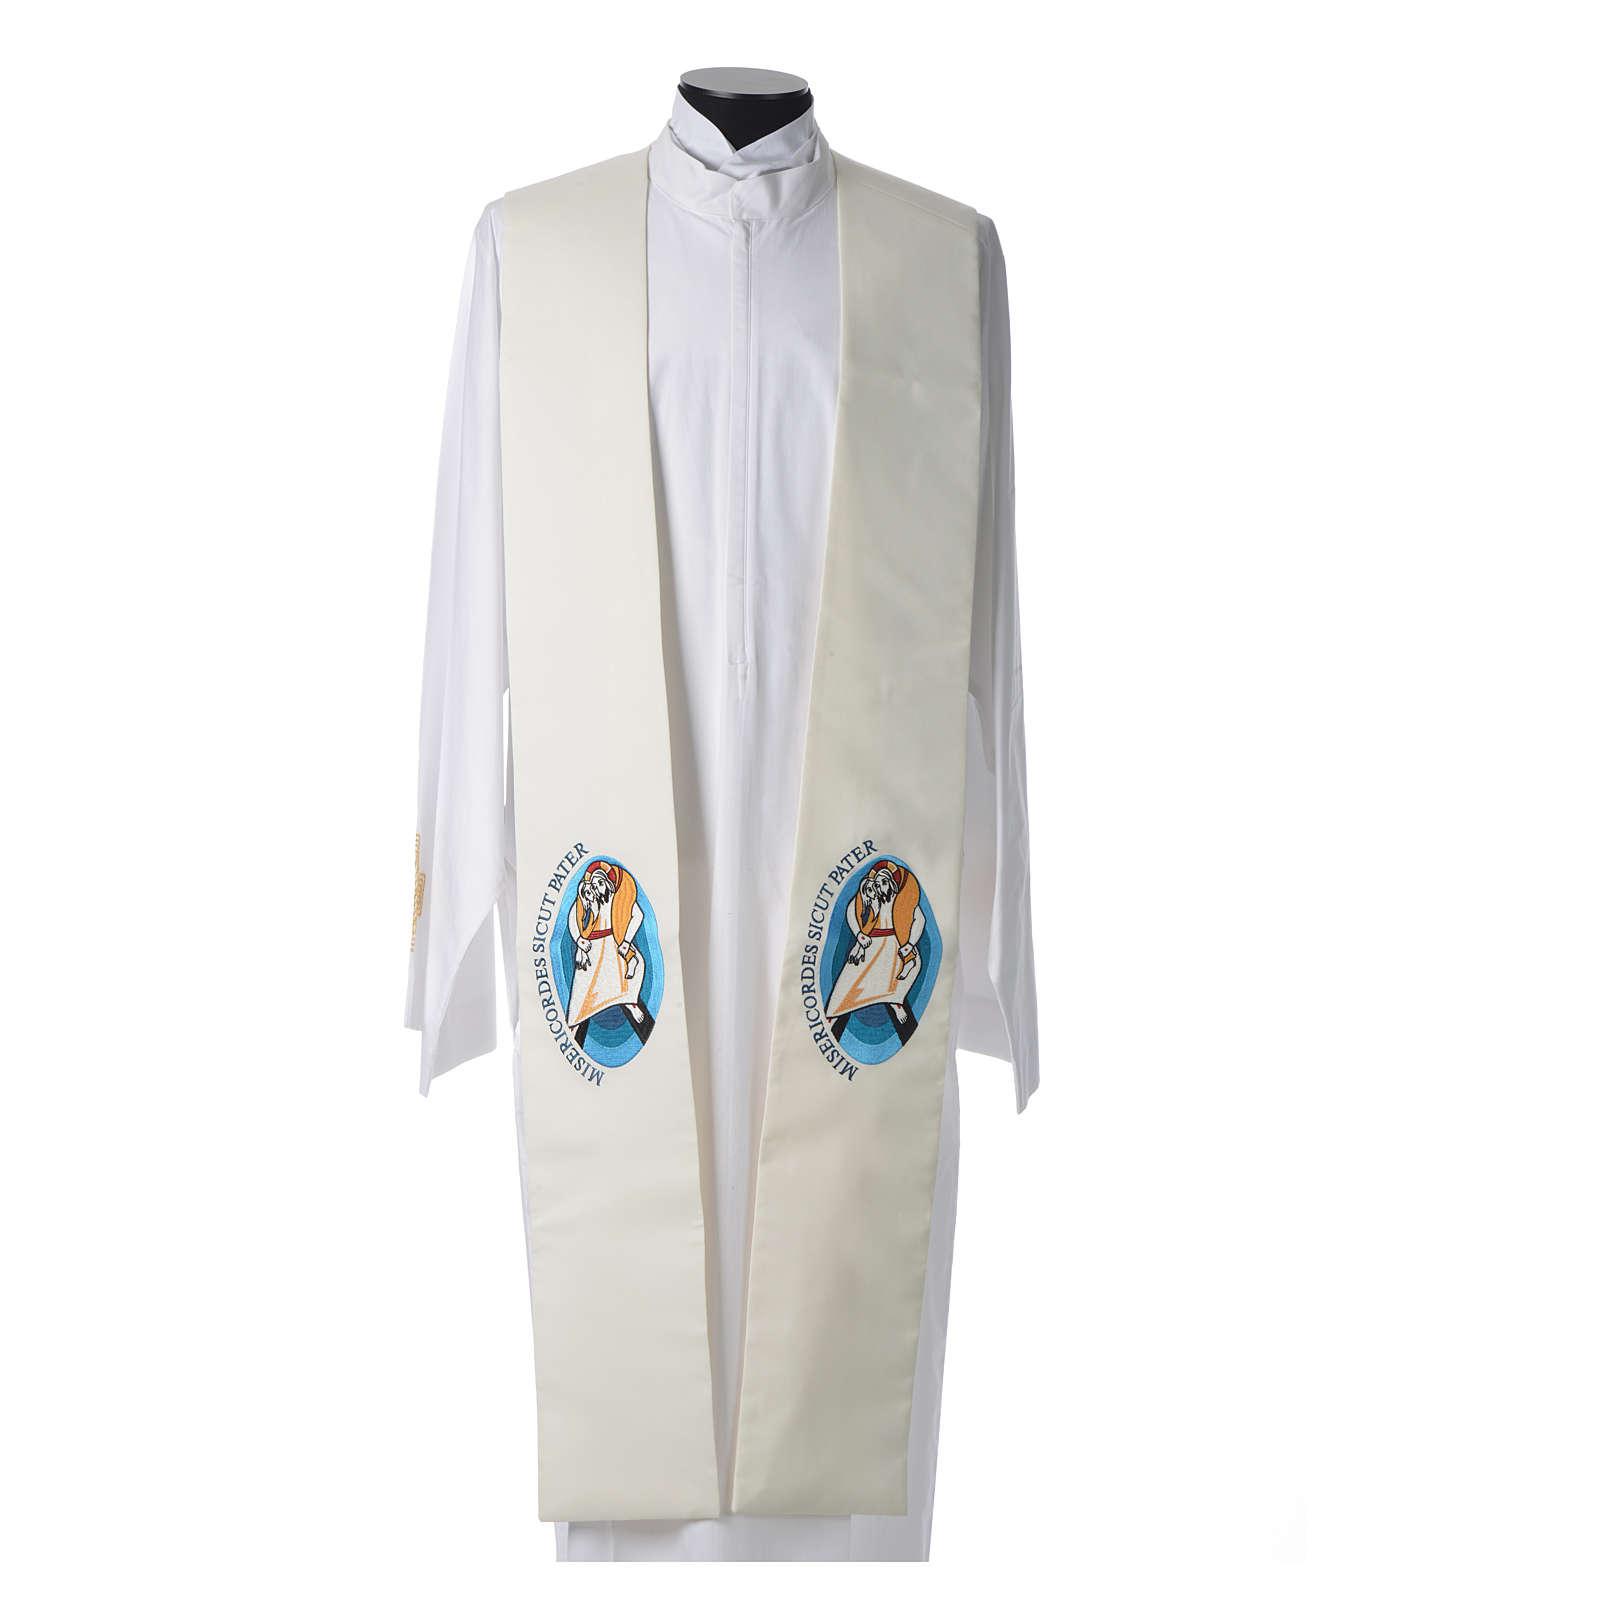 STOCK Stuła szeroka Jubileusz Papież Franciszek napis ŁACIŃSKI poliester haft maszynowy 4